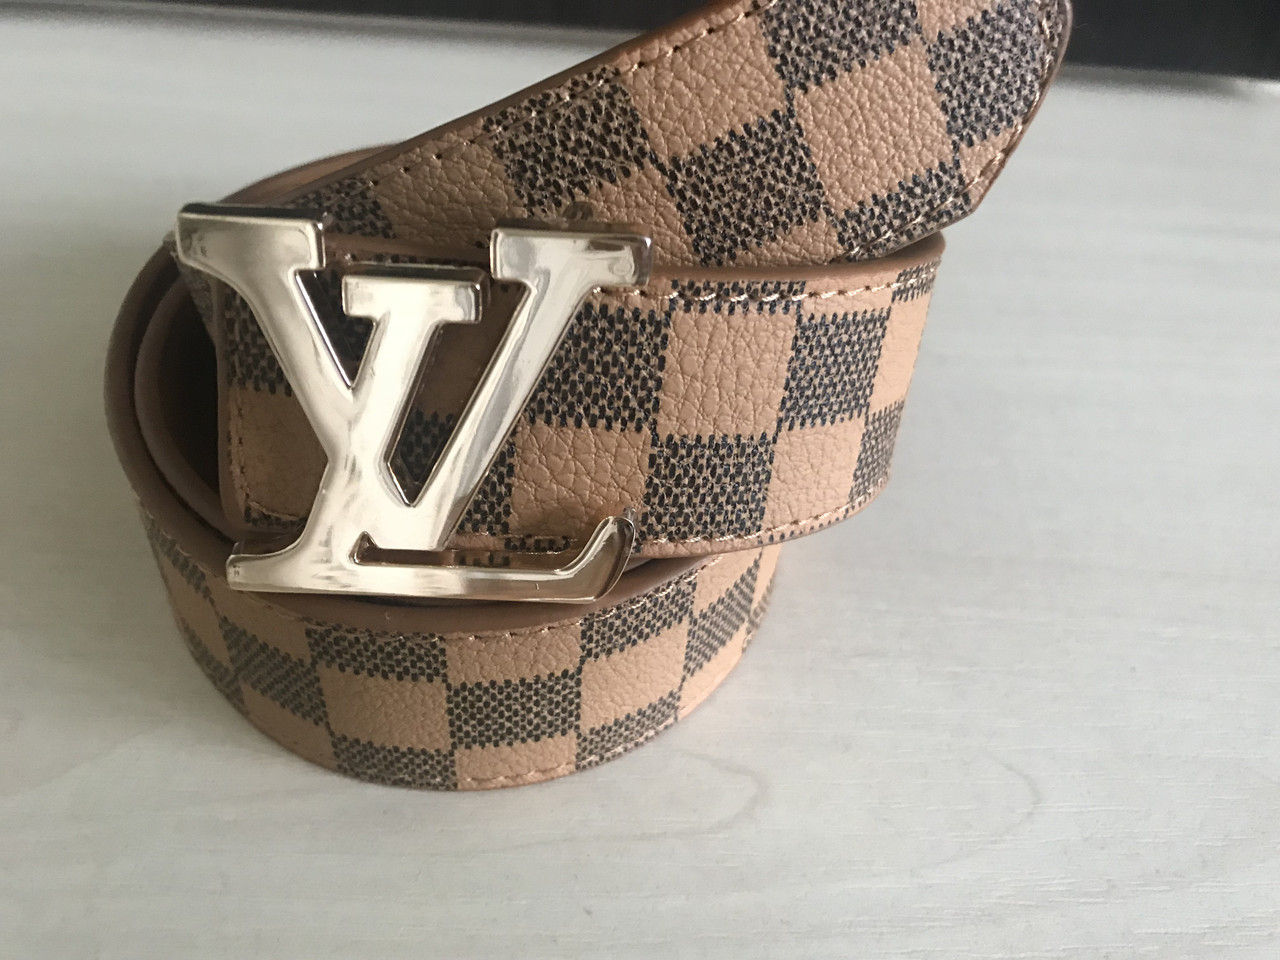 Ремень  пояс Louis Vuitton light brown (копия Луи Витон)